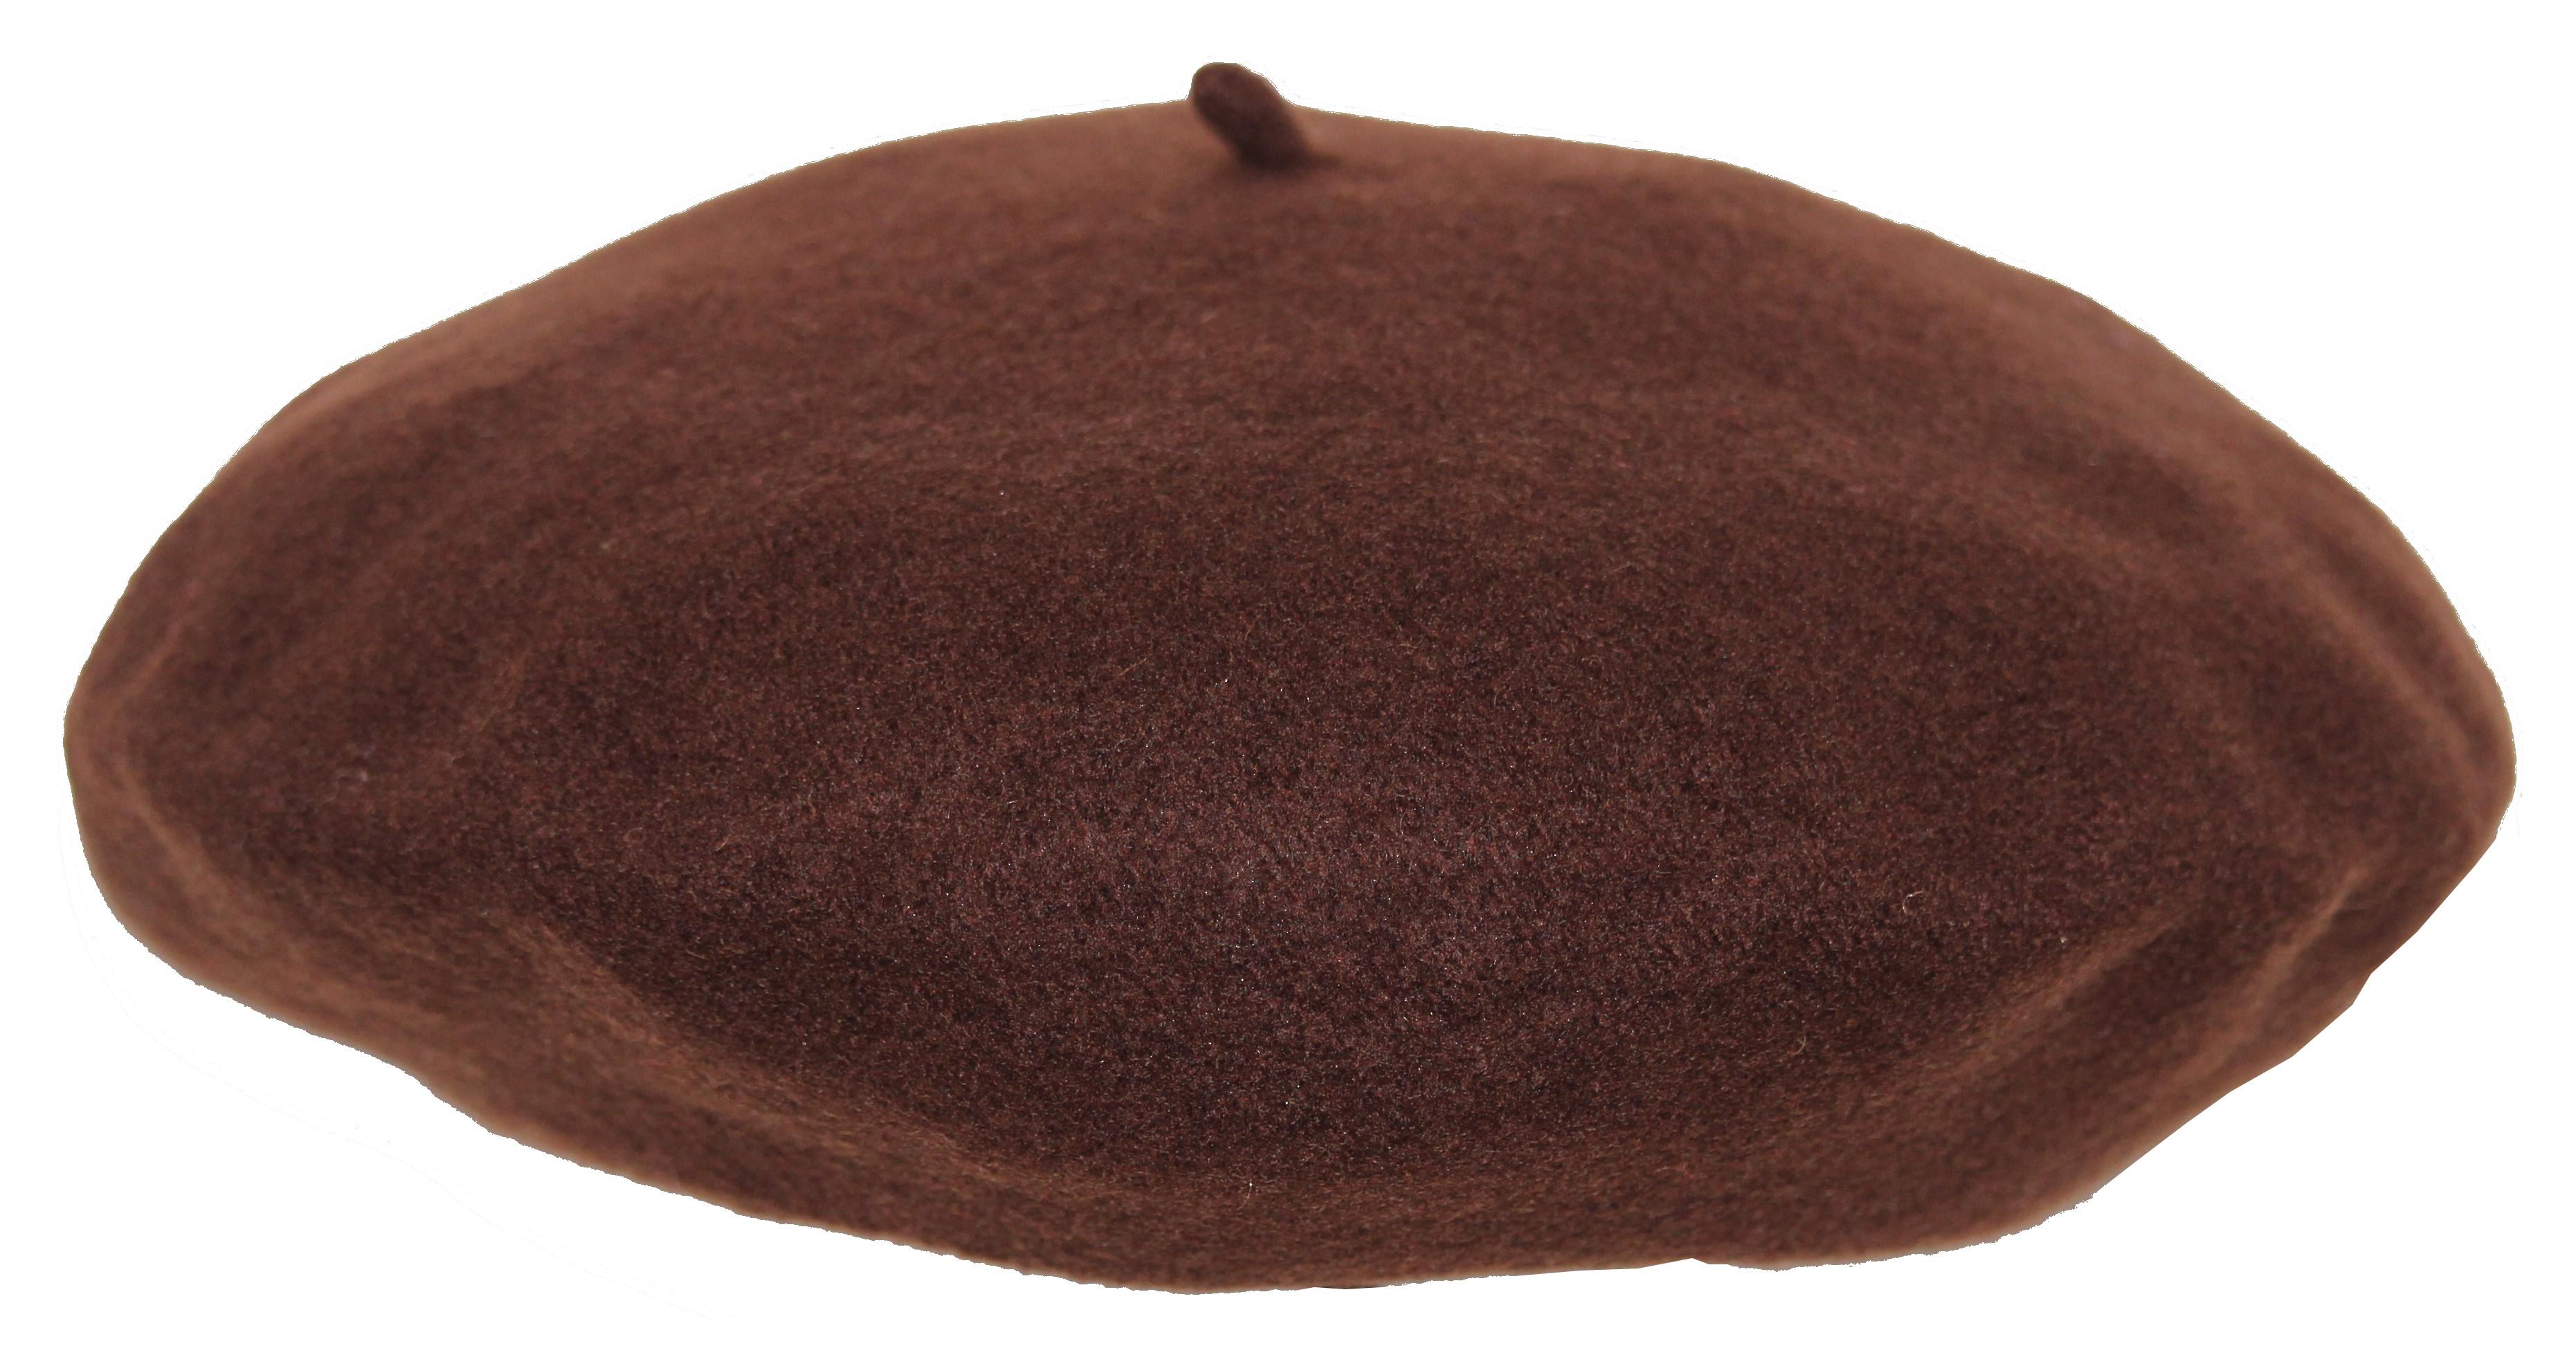 Béret 100% laine - flora super - chocolat Marron